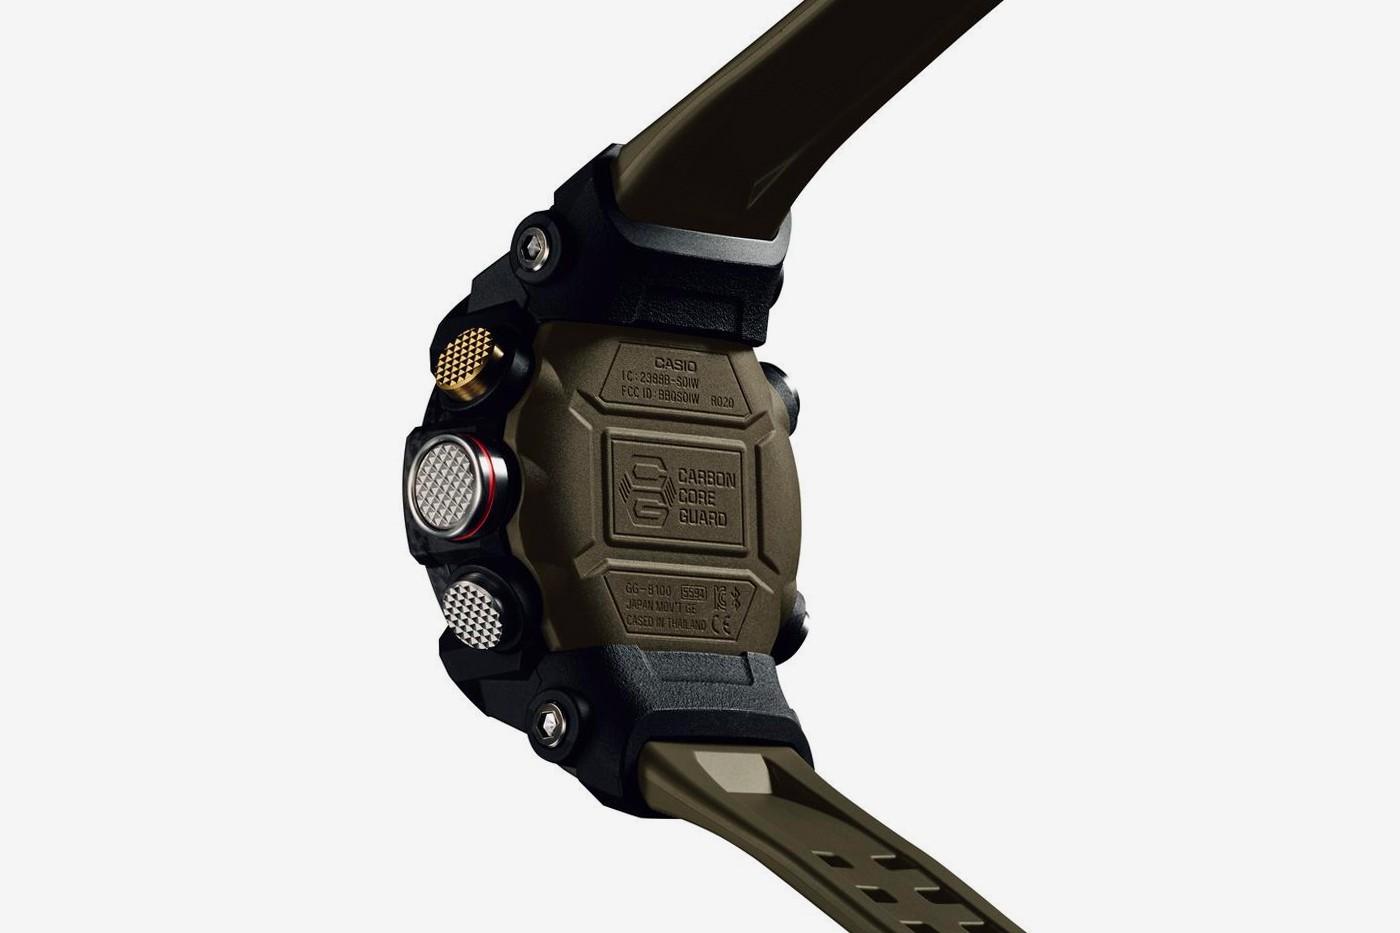 G-SHOCK 全新世代 Mudmaster 腕表系列发布